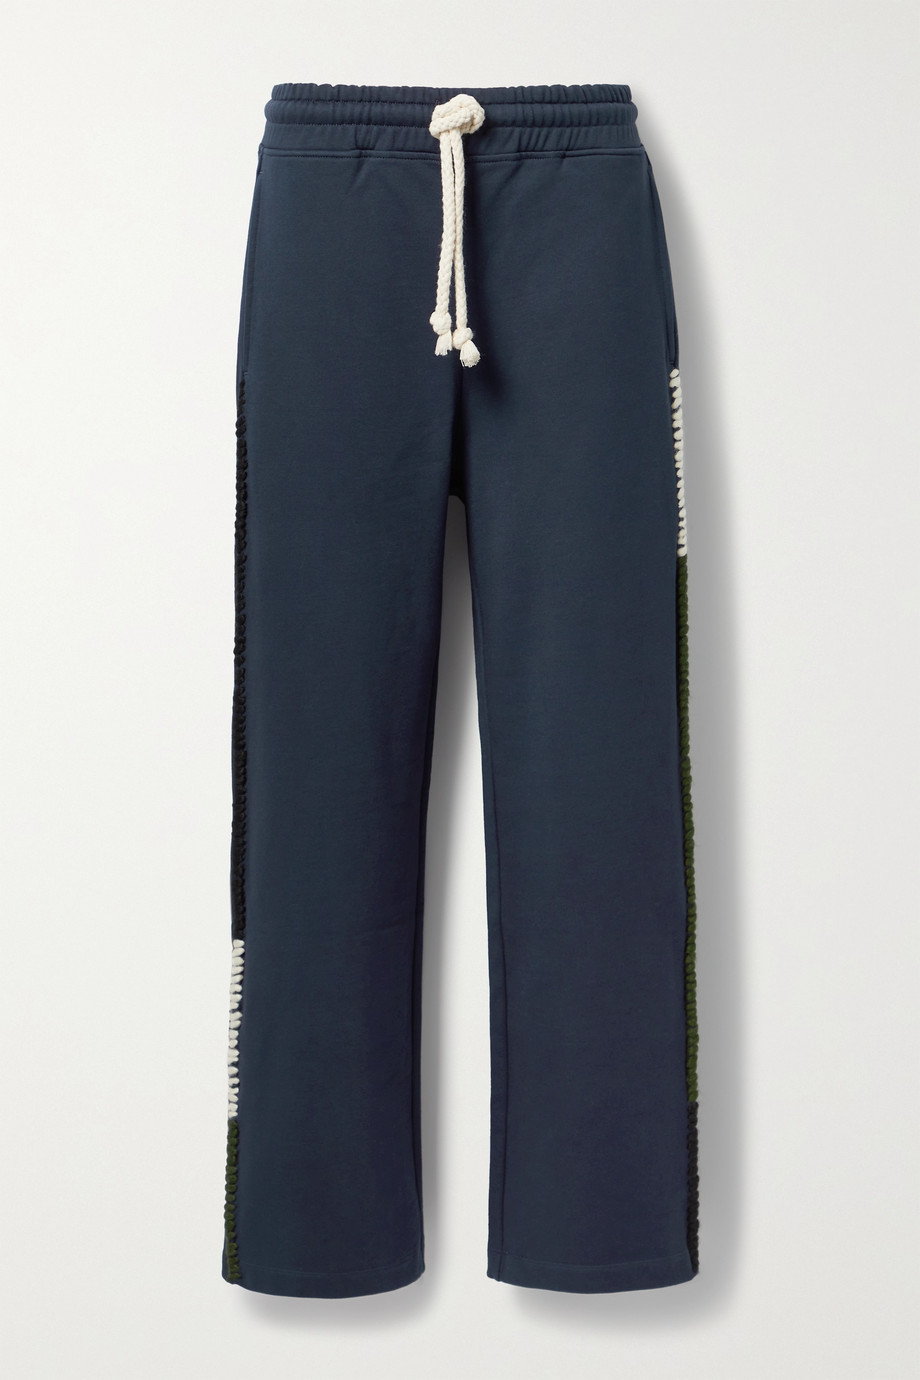 JW Anderson Pantalon de survêtement en jersey de coton à broderies